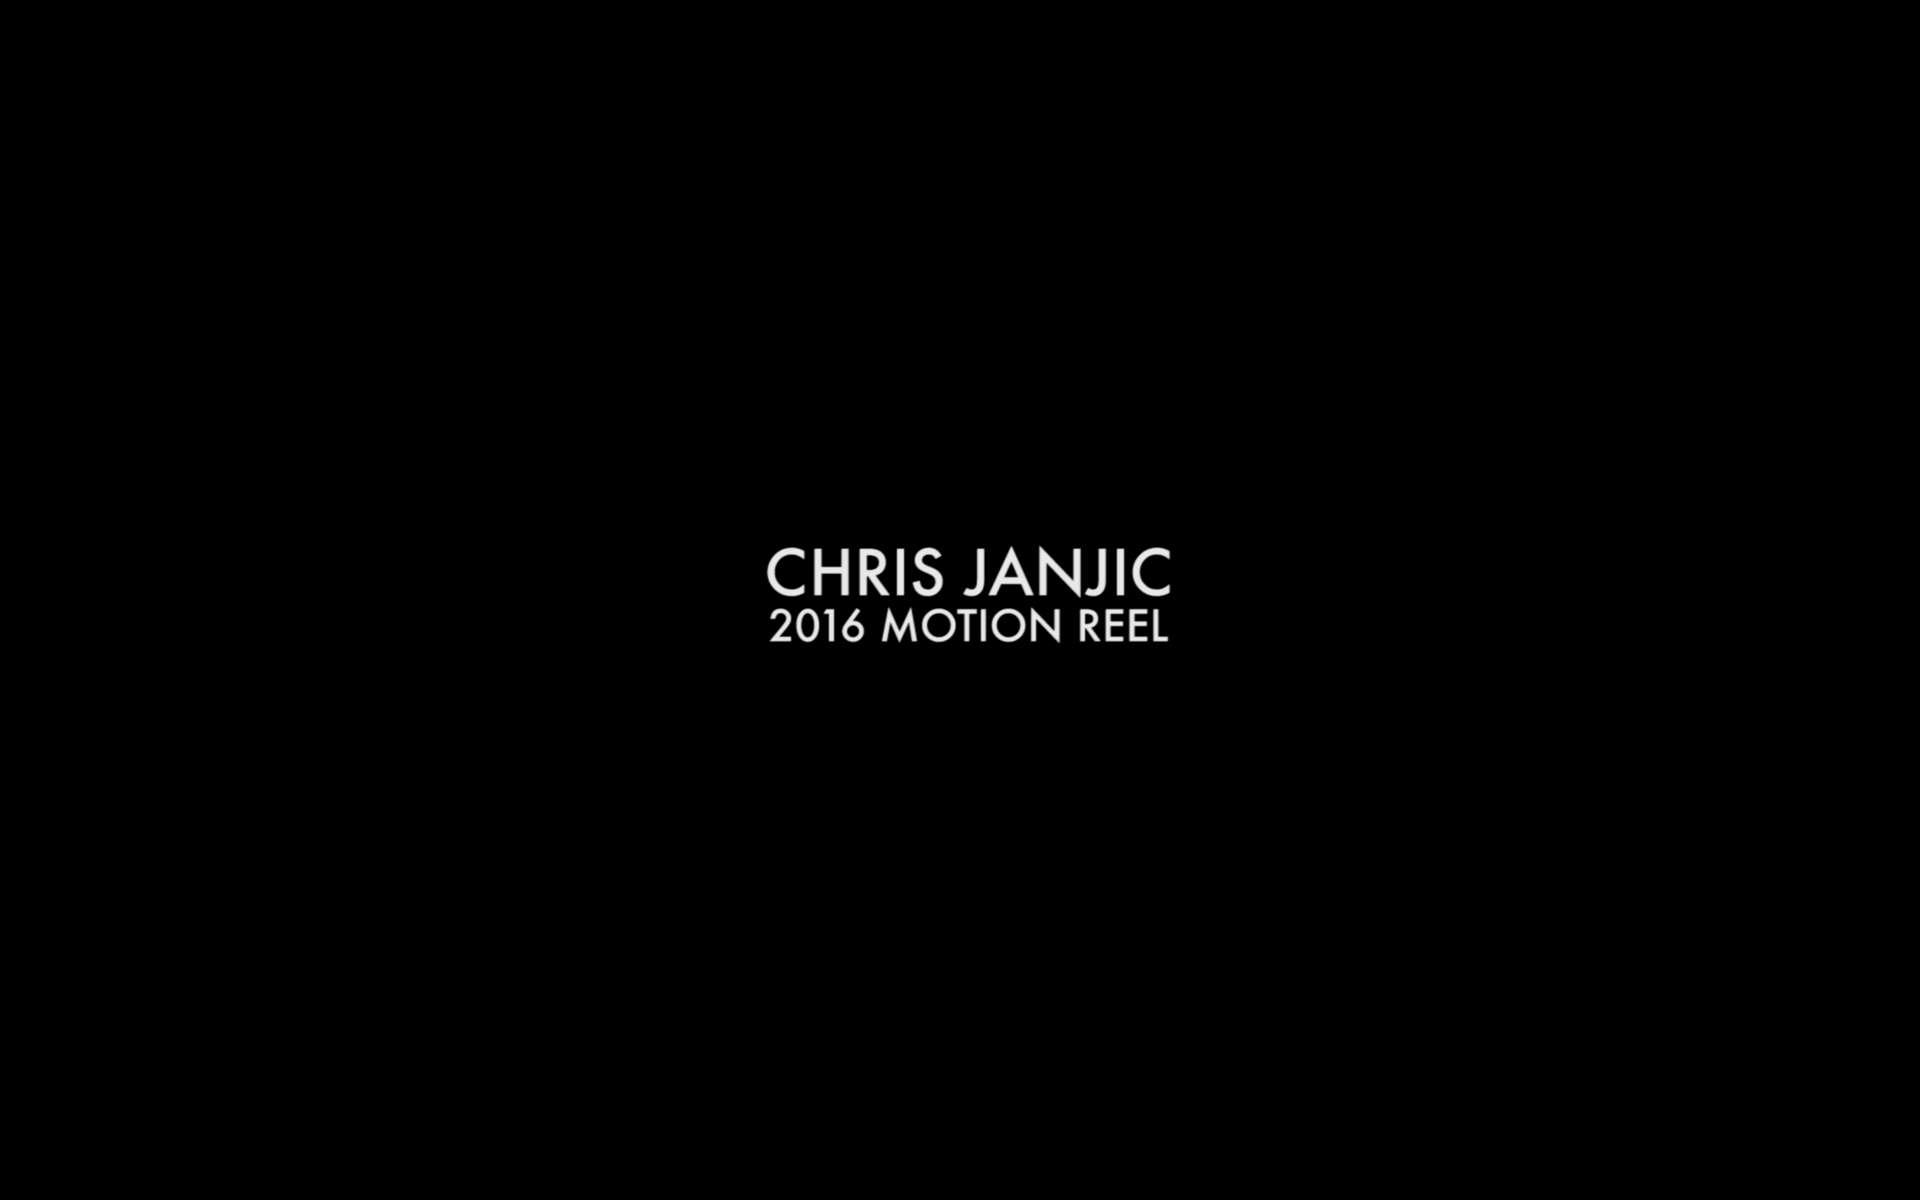 CHRIS JANJIC // 2016 MOTION REEL